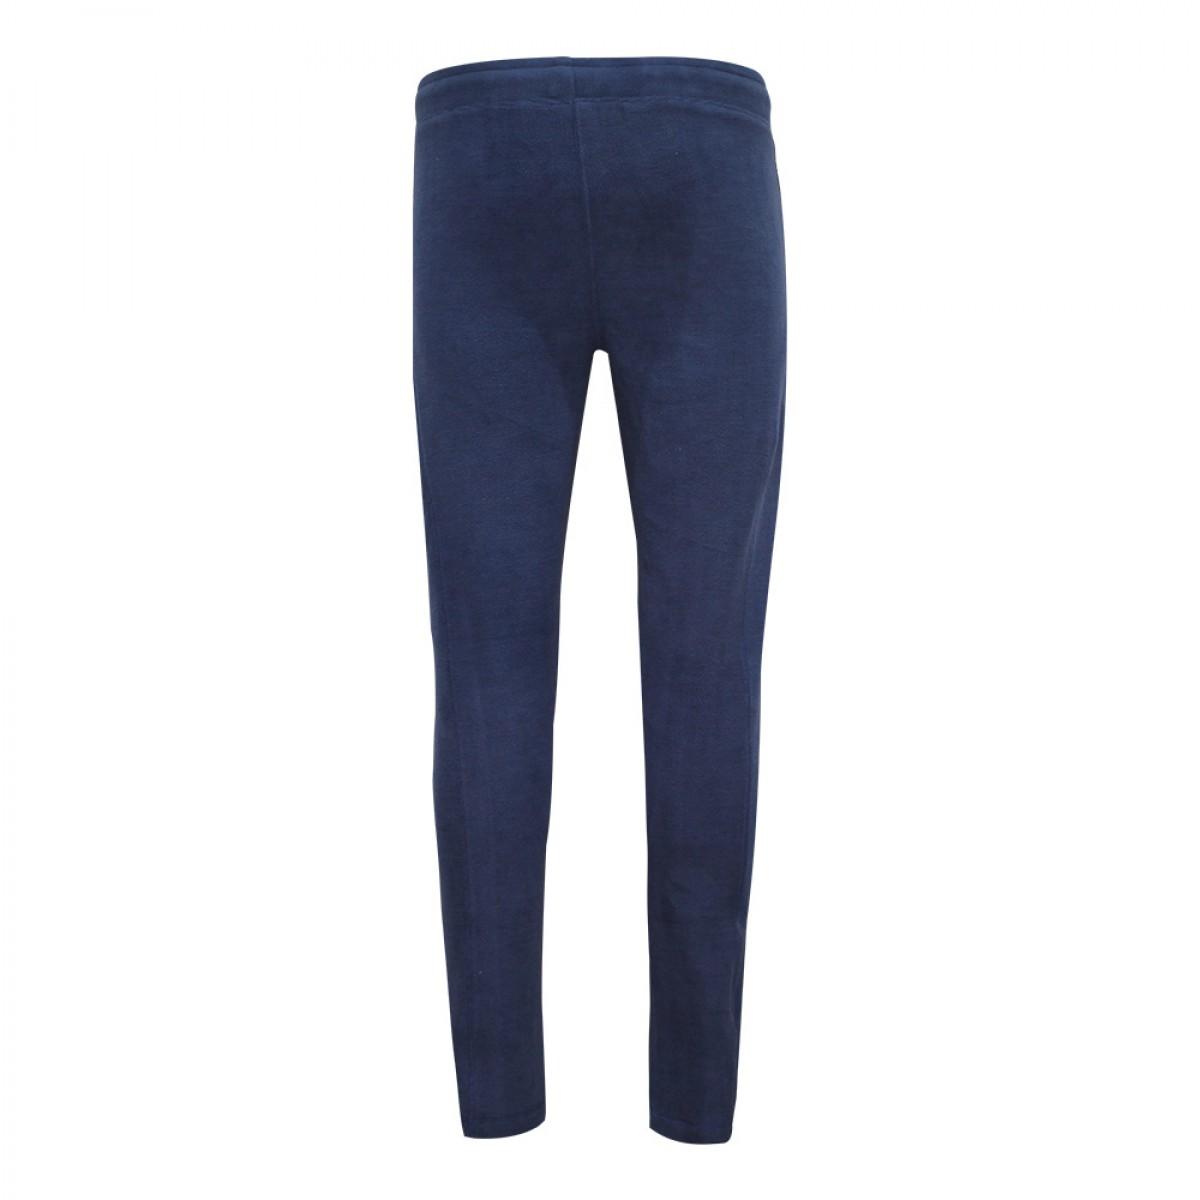 men-single-fleece-trouser-kft05916-5a